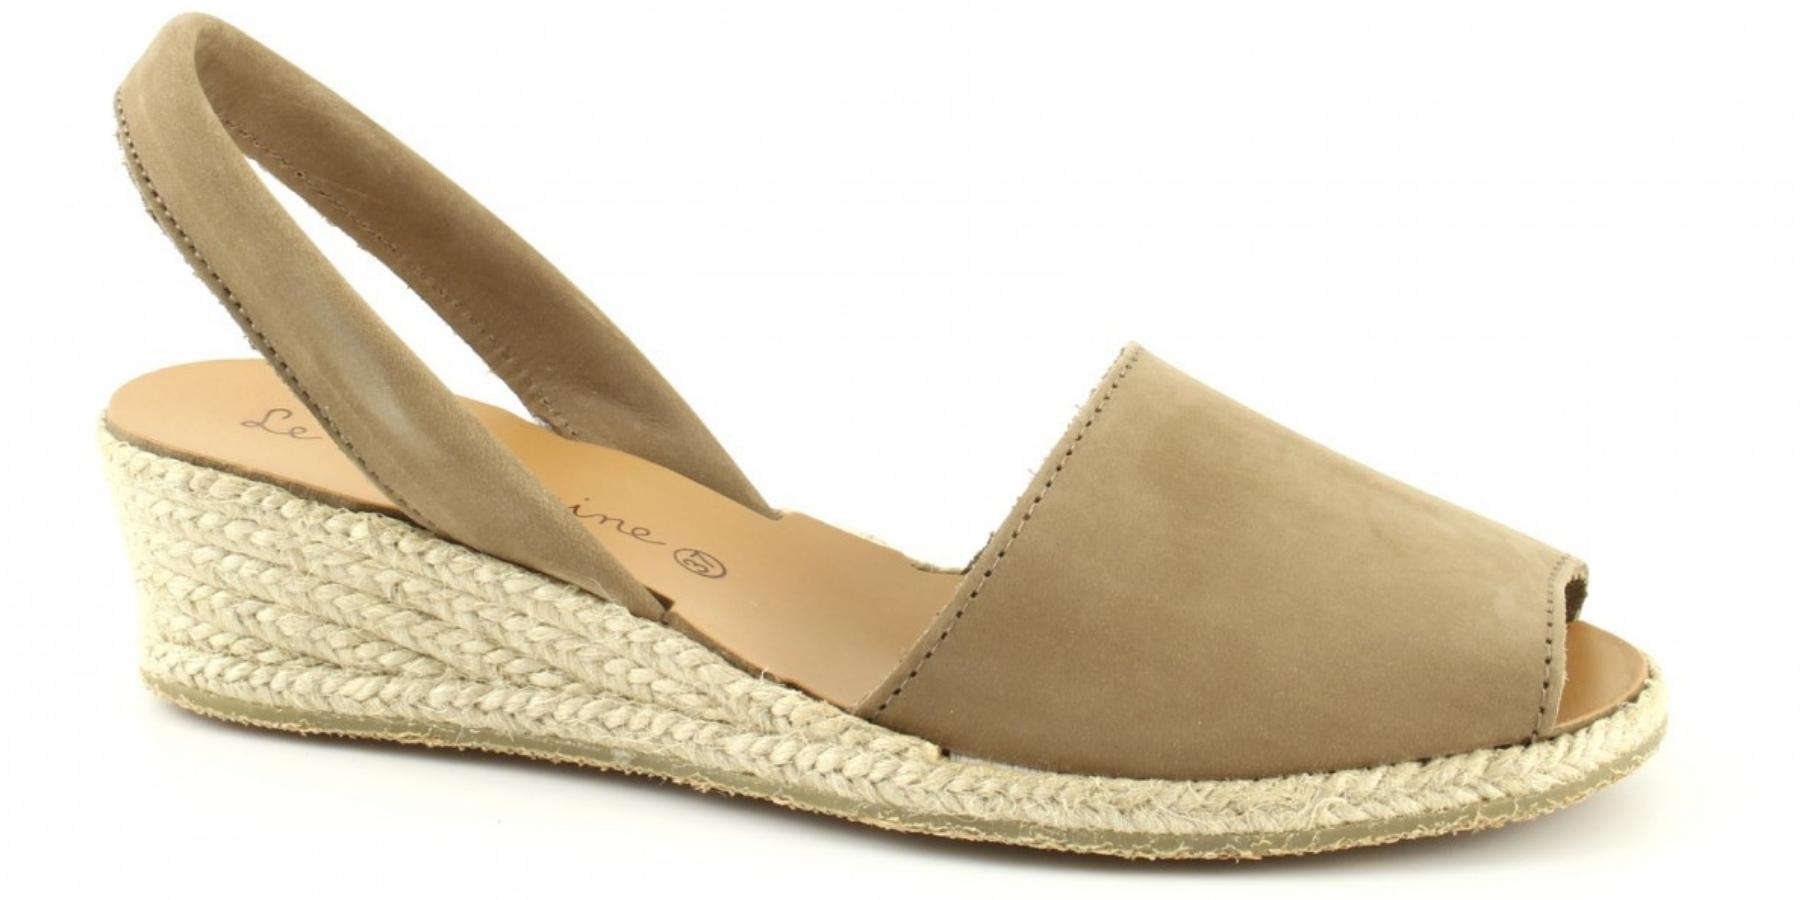 scarpe-espadrillas-creta-taupe